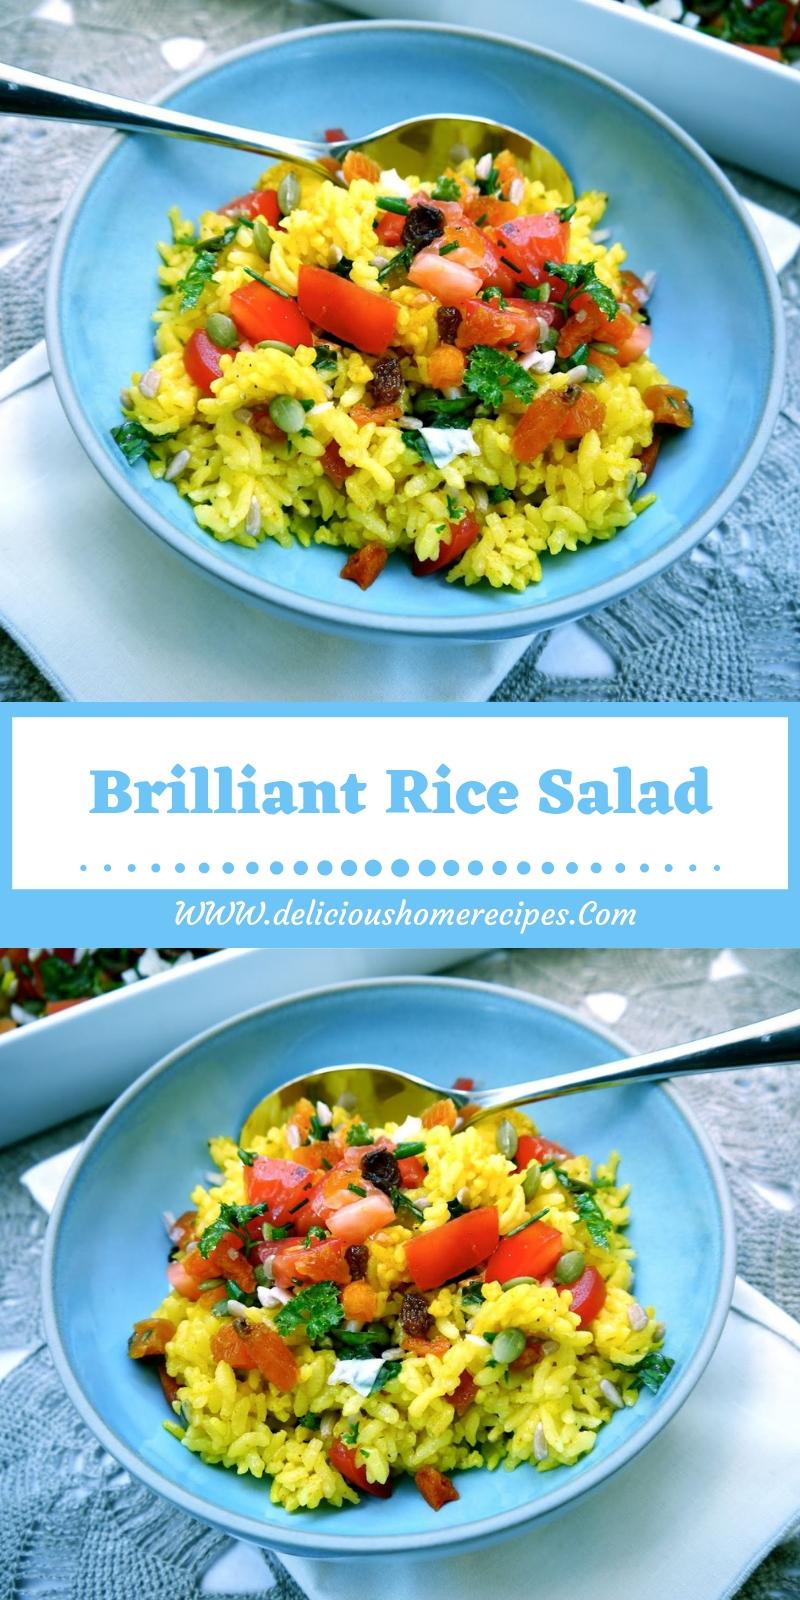 Brilliant Rice Salad